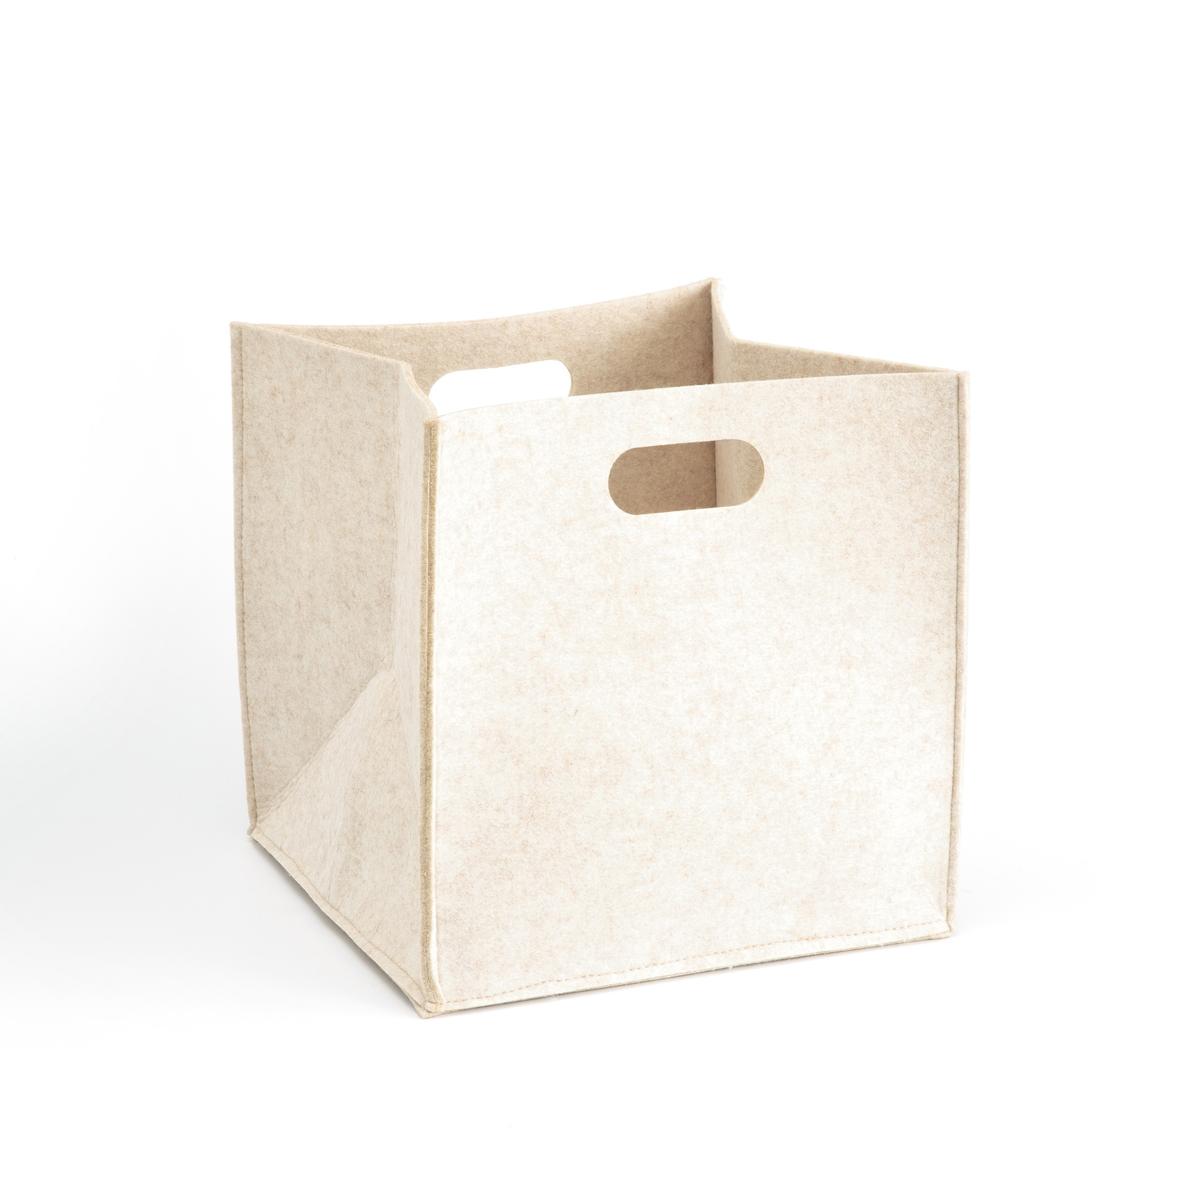 Корзина TRINIA товары для хранения dorabeads 27 0 x 20 0 5 2015 b82865